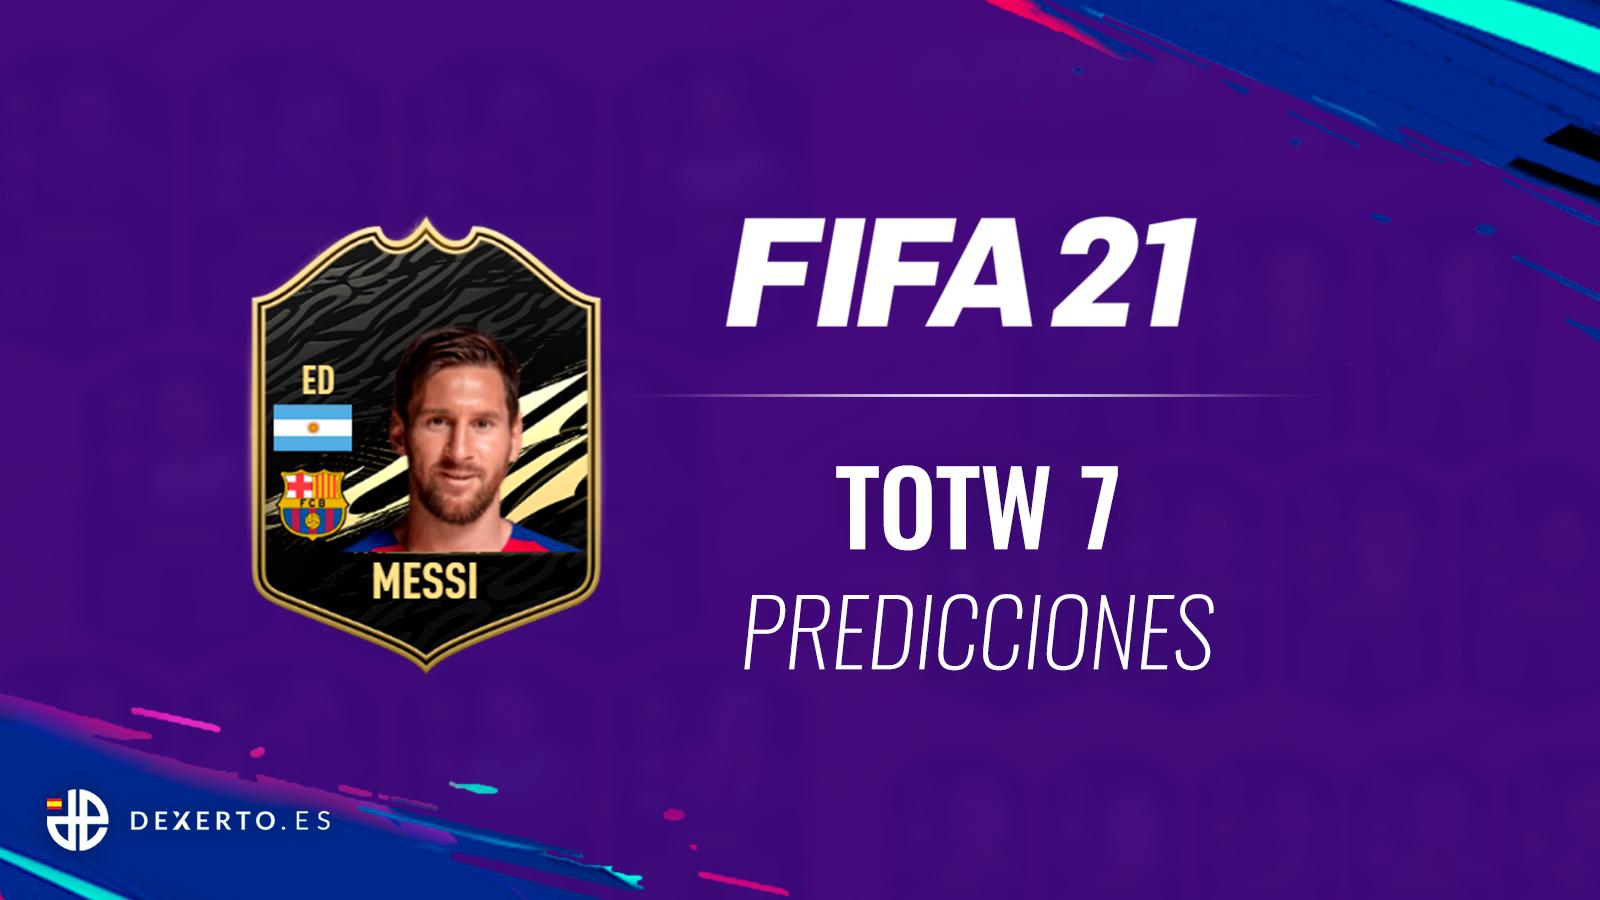 FIFA-21-TOTW-7-predicciones